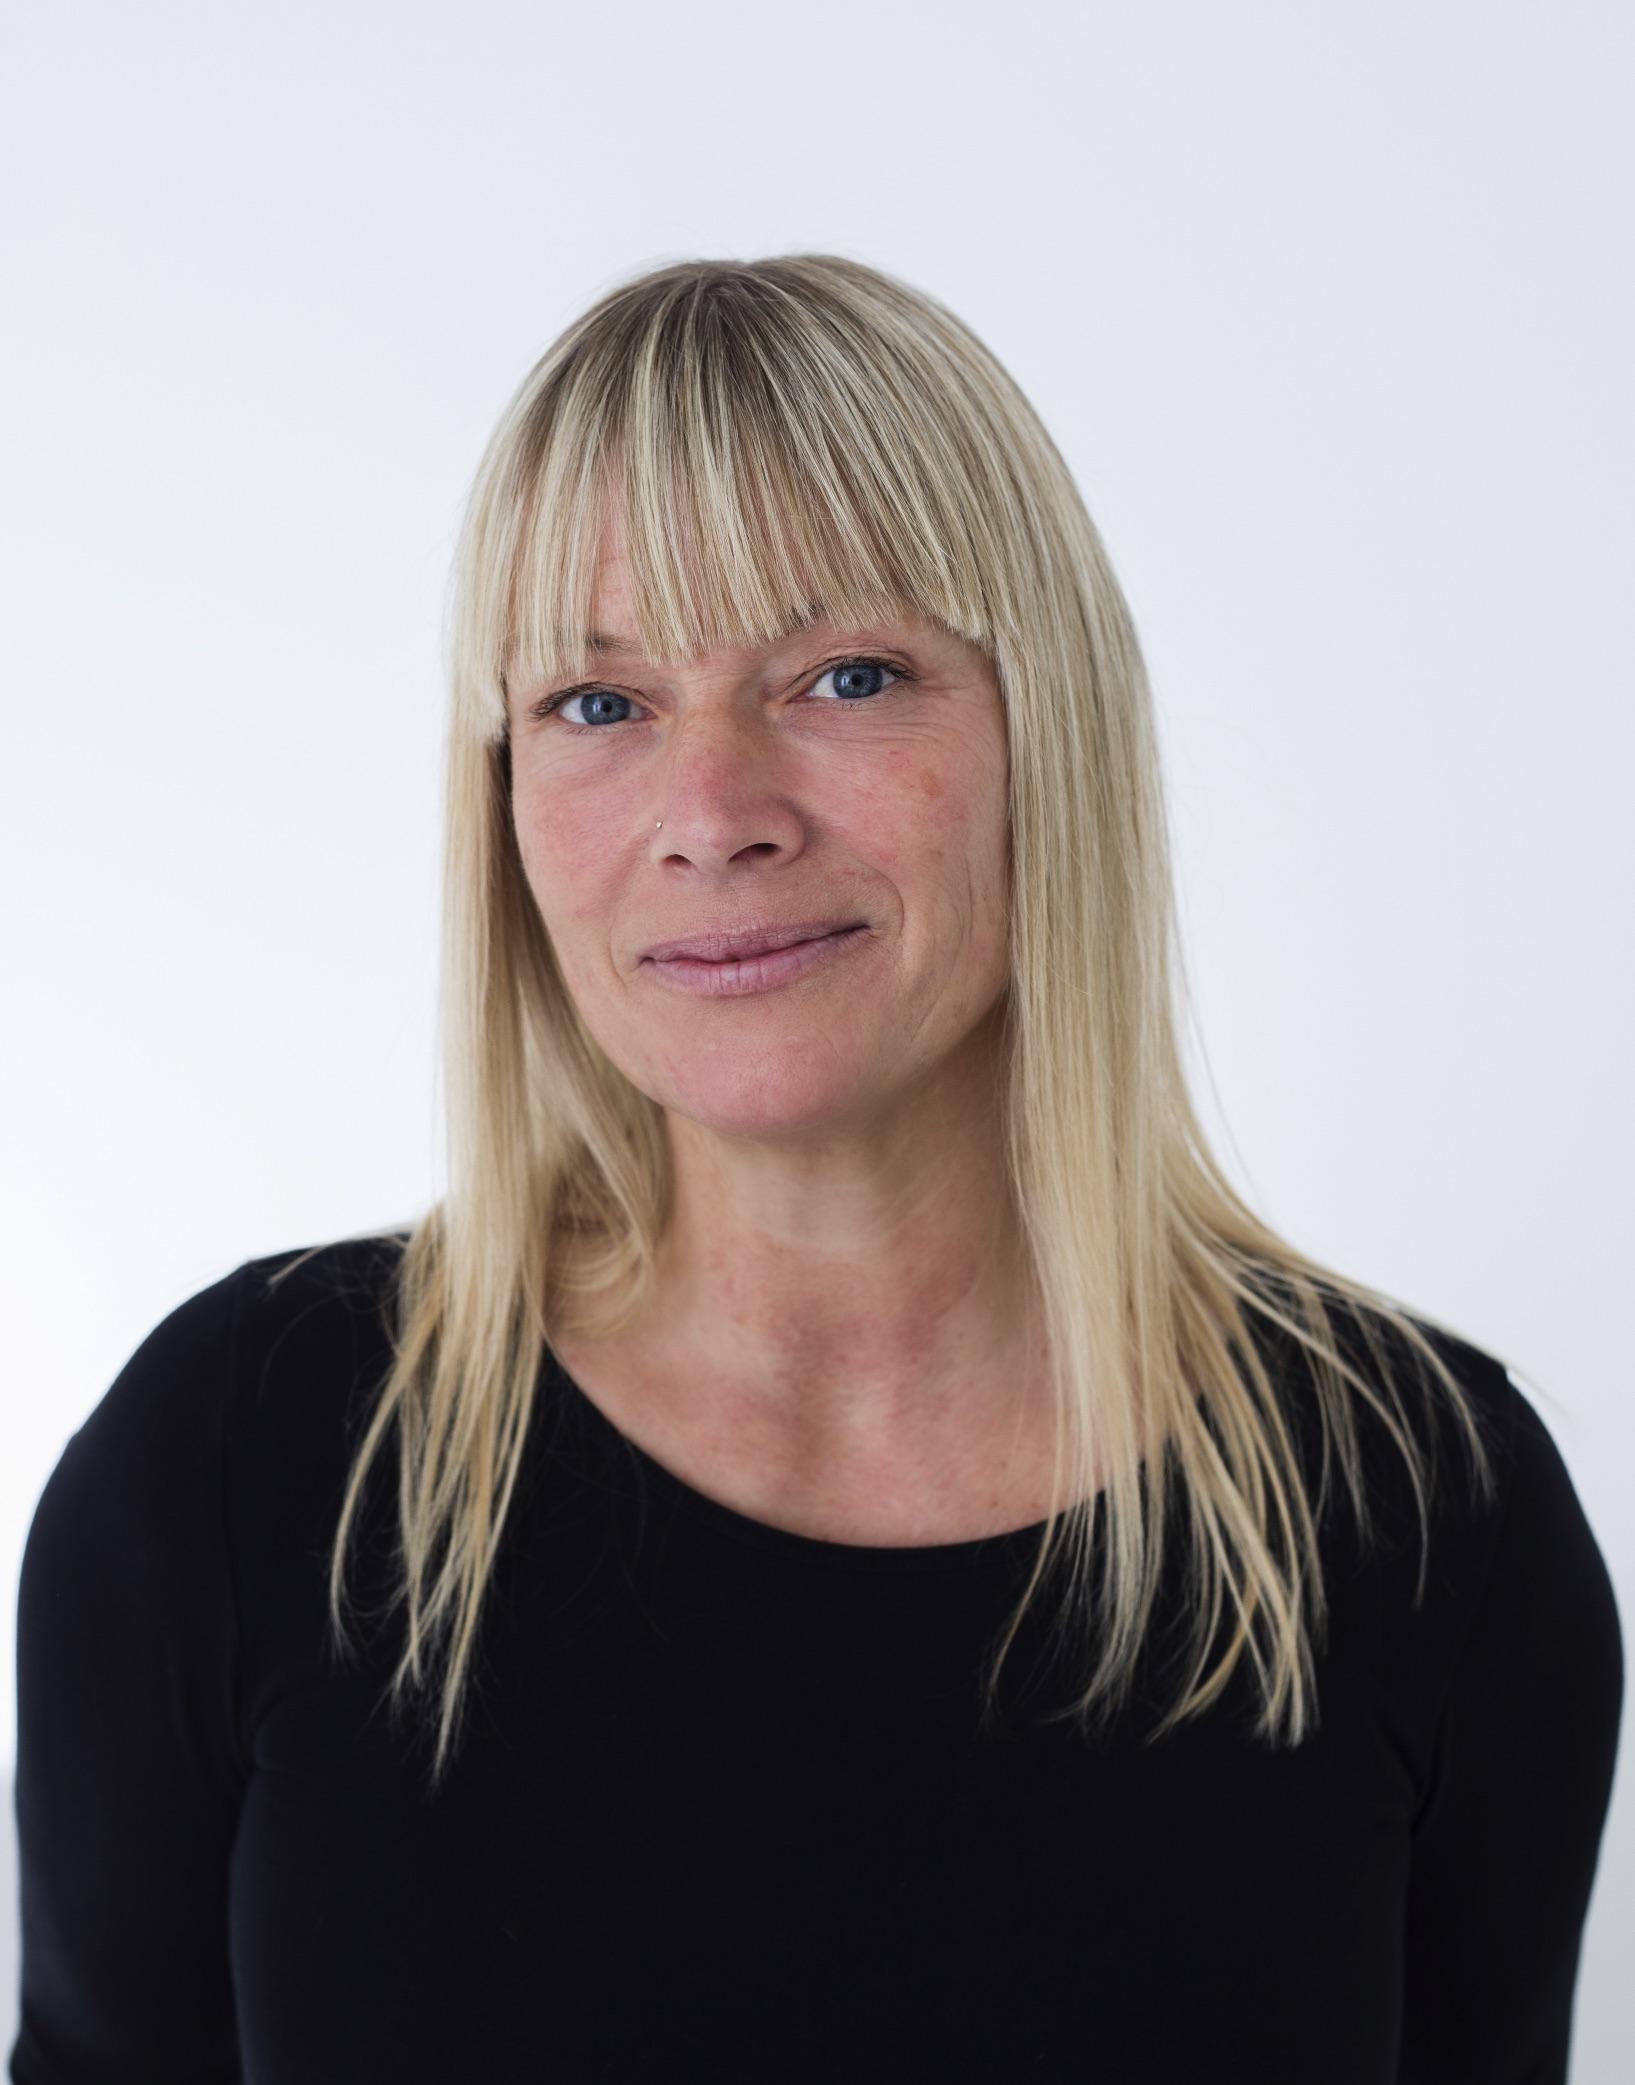 Udgang af Hanne Mølgaard, Kortroman